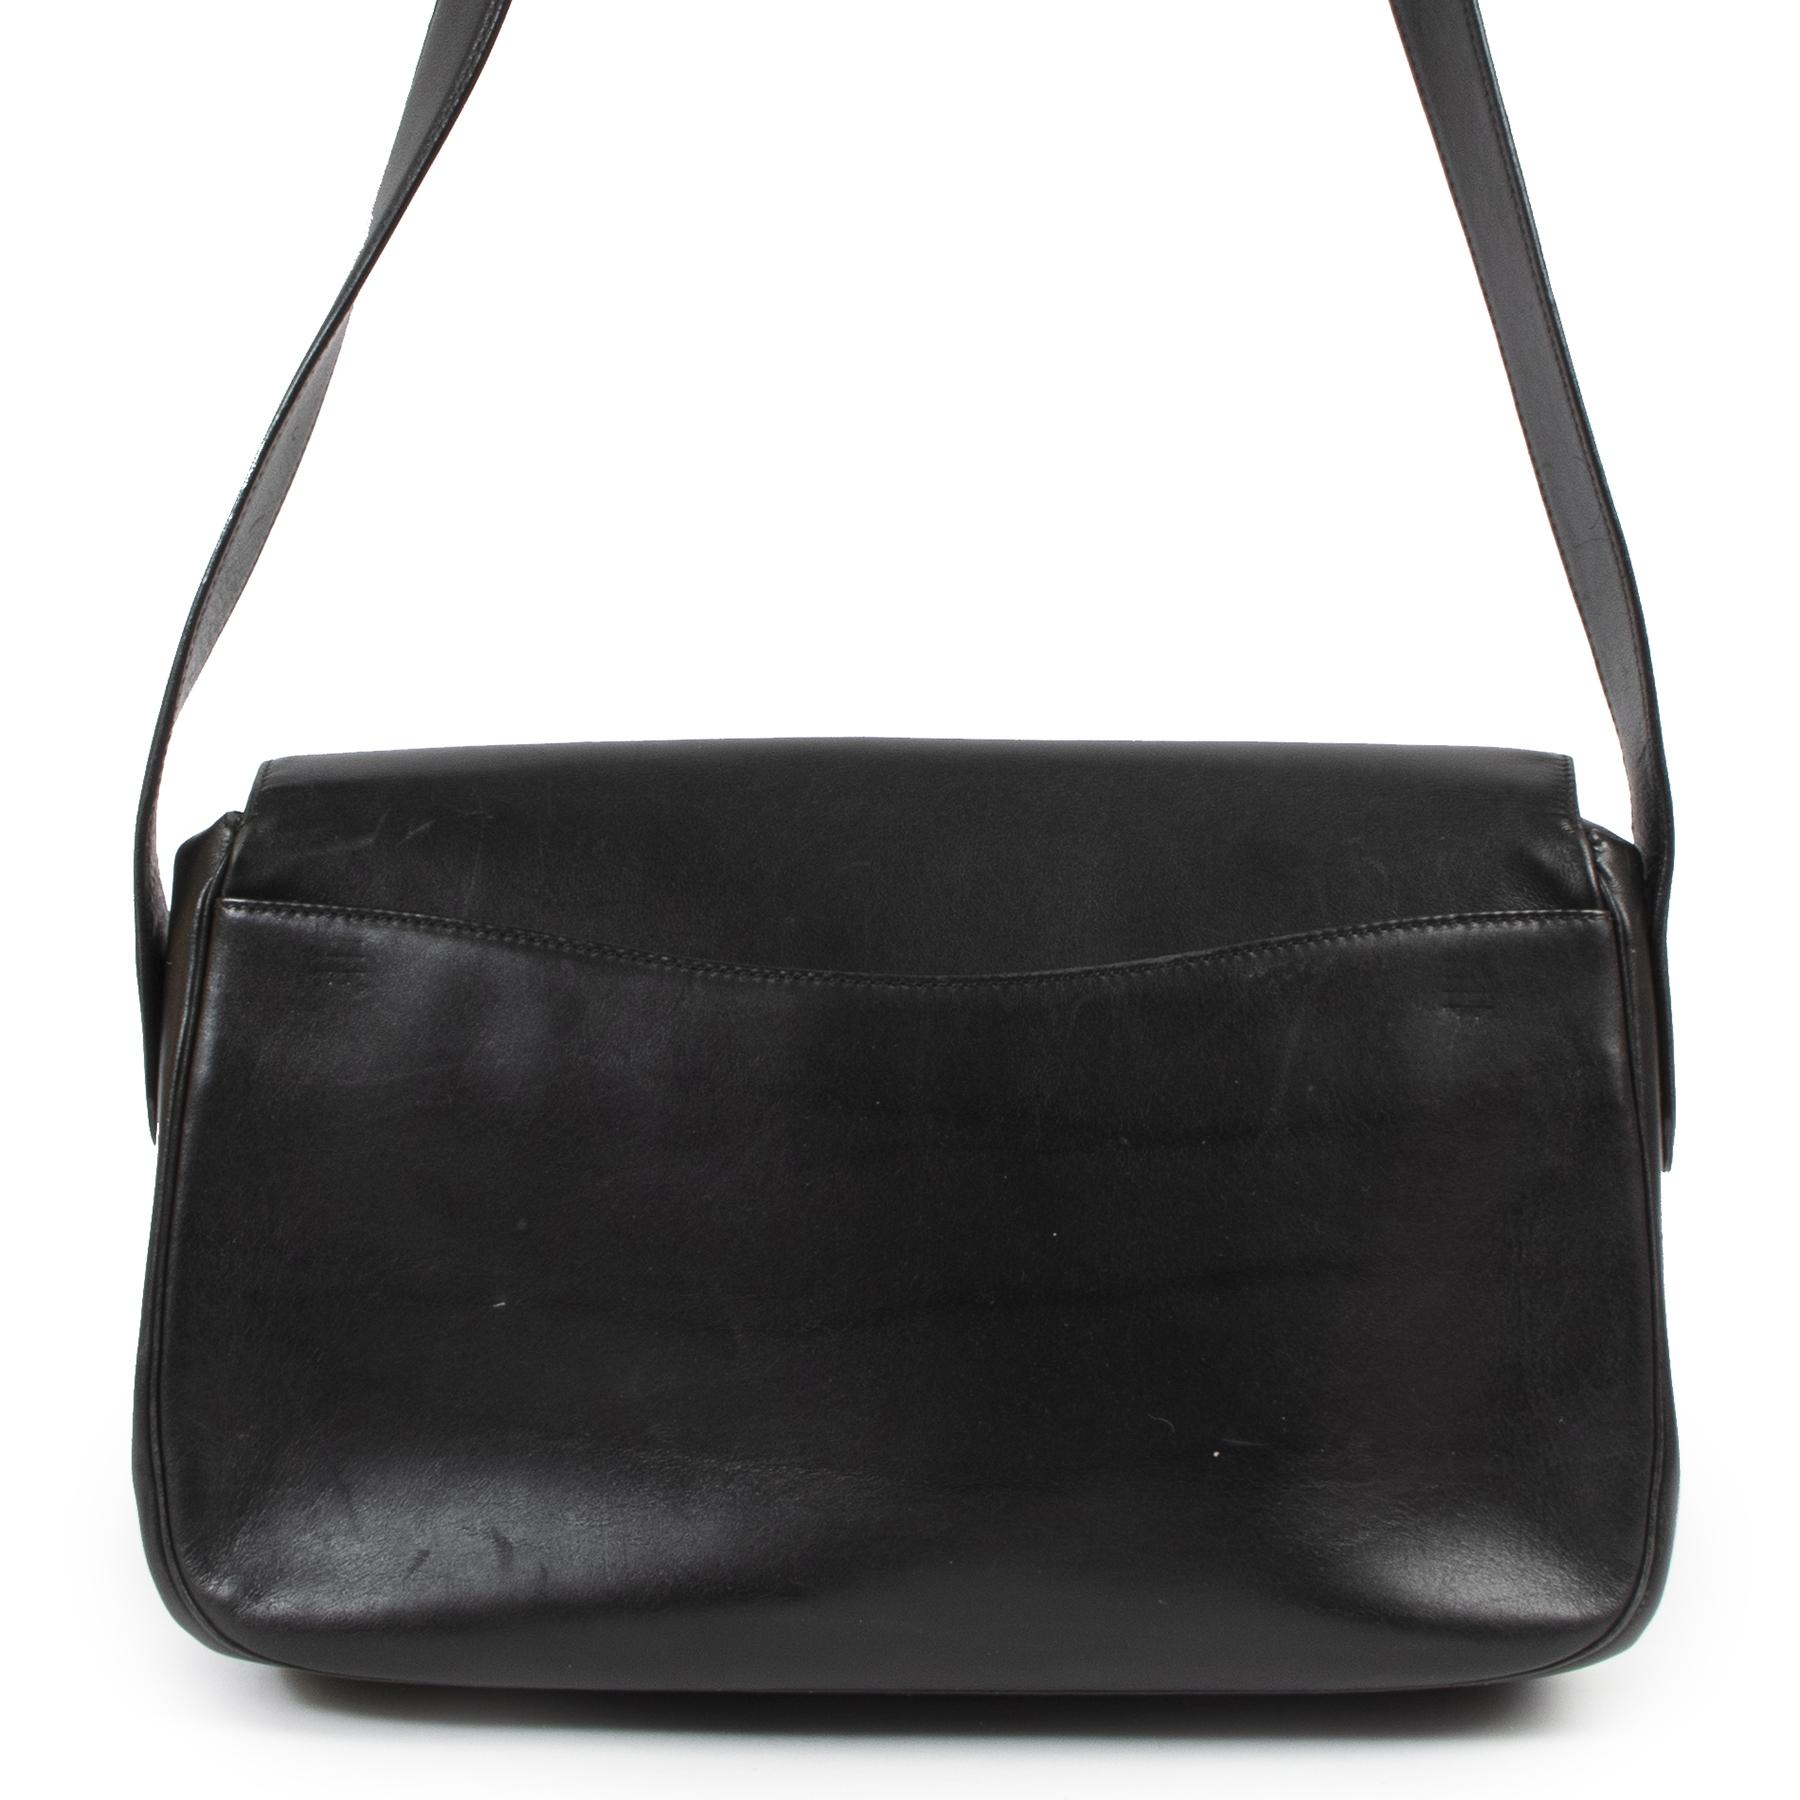 Authentieke Tweedehands Cartier Black Leather Panthère Crossbody Bag juiste prijs veilig online shoppen luxe merken webshop winkelen Antwerpen België mode fashion